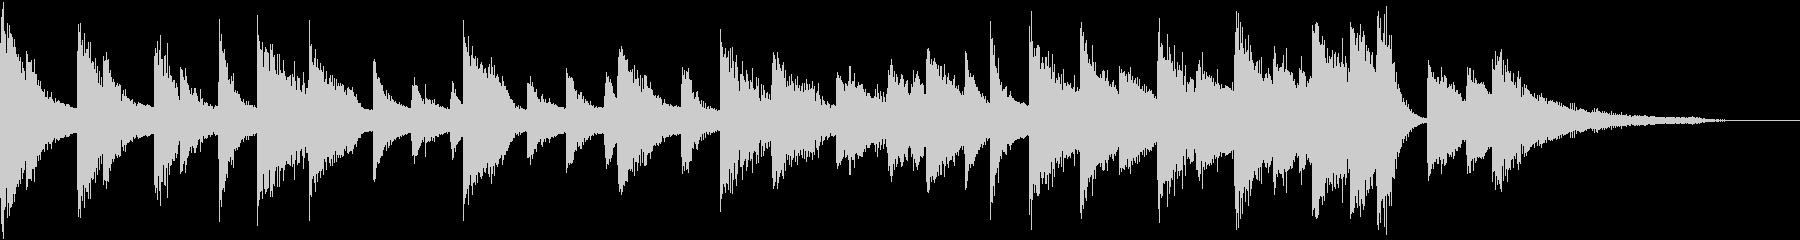 童謡・月モチーフのピアノジングルBの未再生の波形